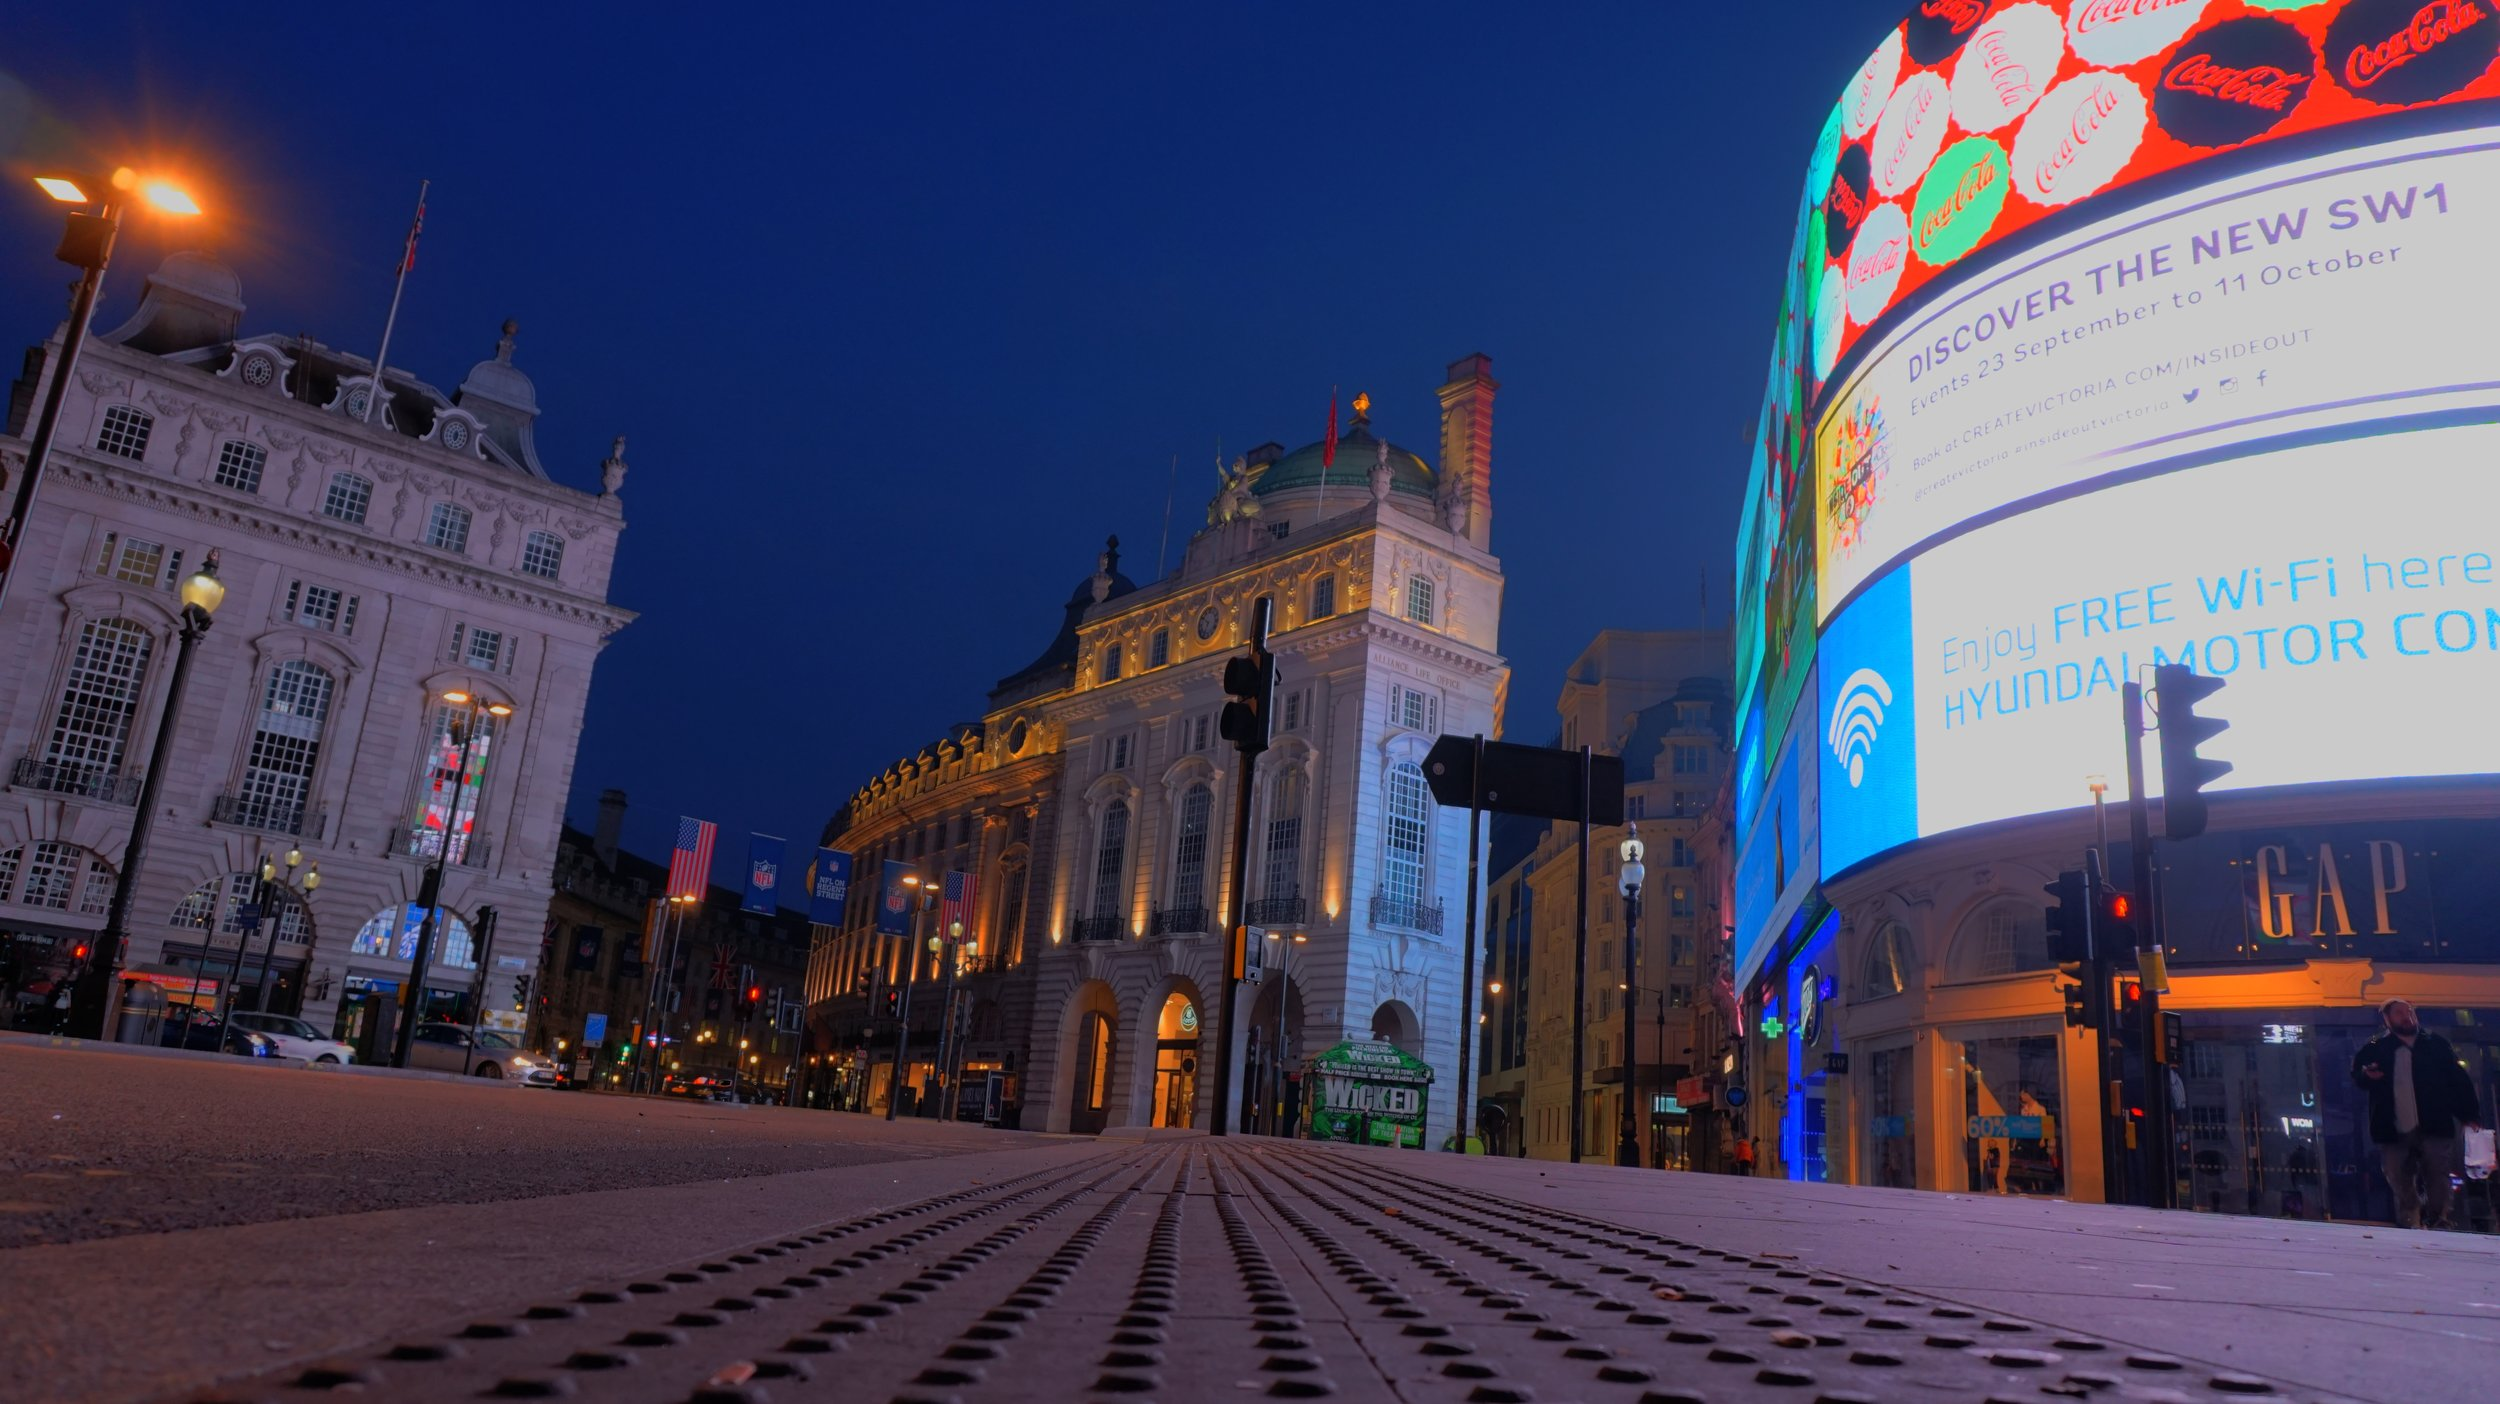 londonpicc2.jpg